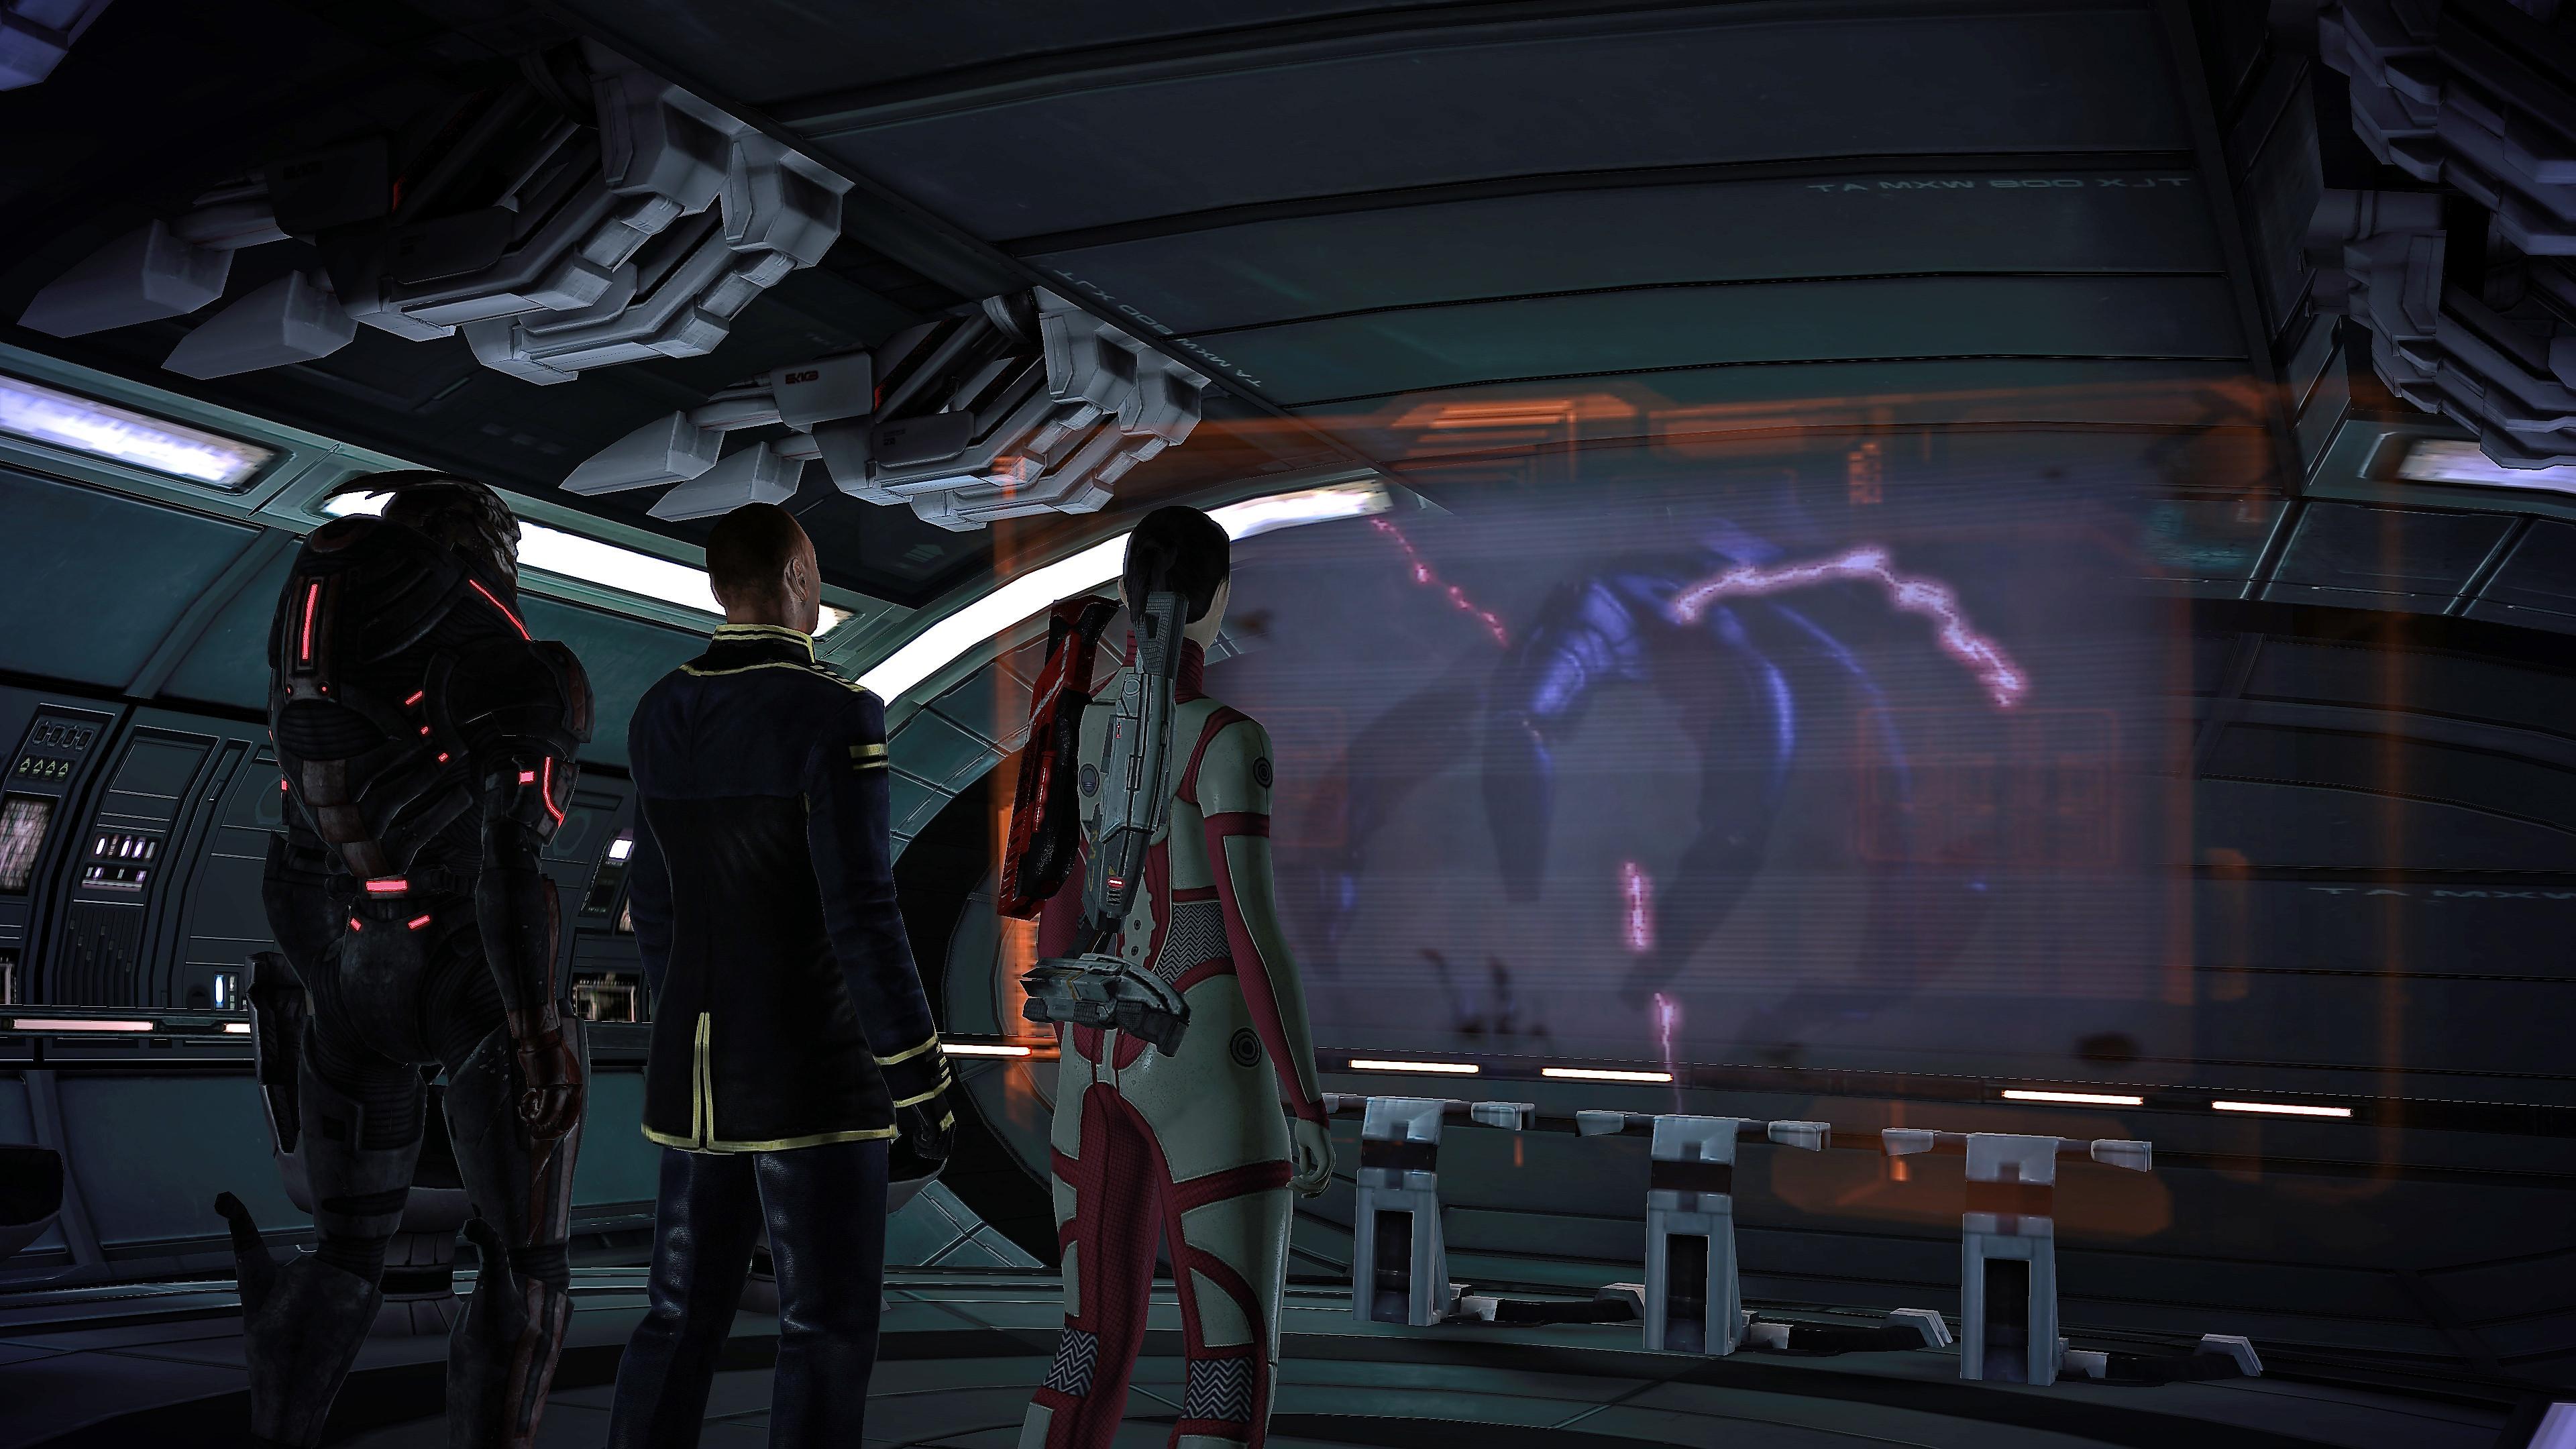 Desktop Mass Effect HD Wallpapers – Wallpapercraft